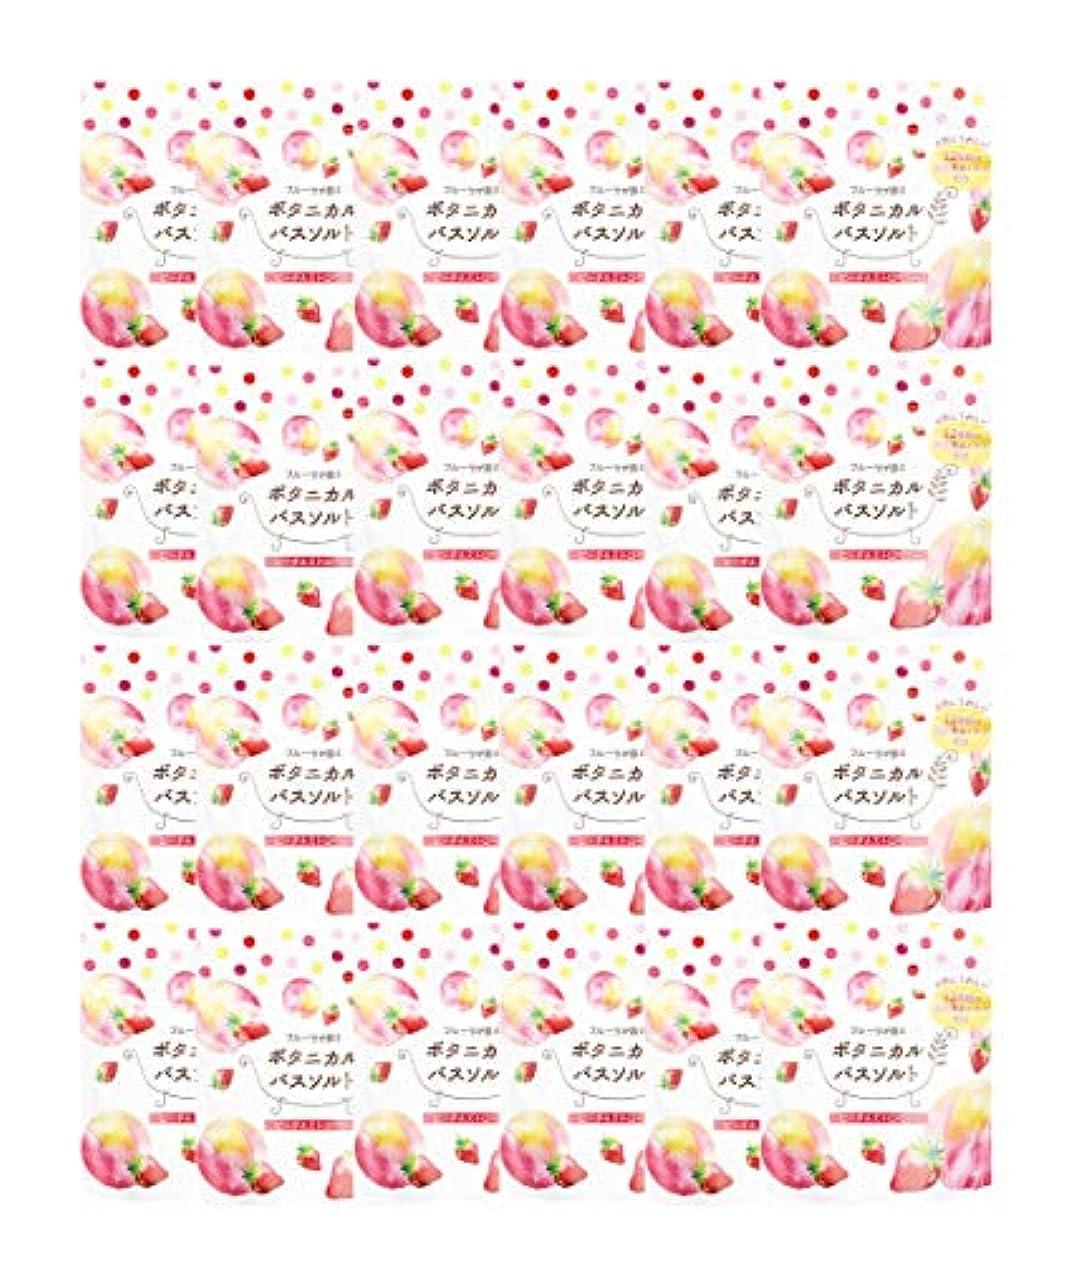 地殻魅惑するアルカイック松田医薬品 フルーツが香るボタニカルバスソルト ピーチ&ストロベリー 30g 24個セット